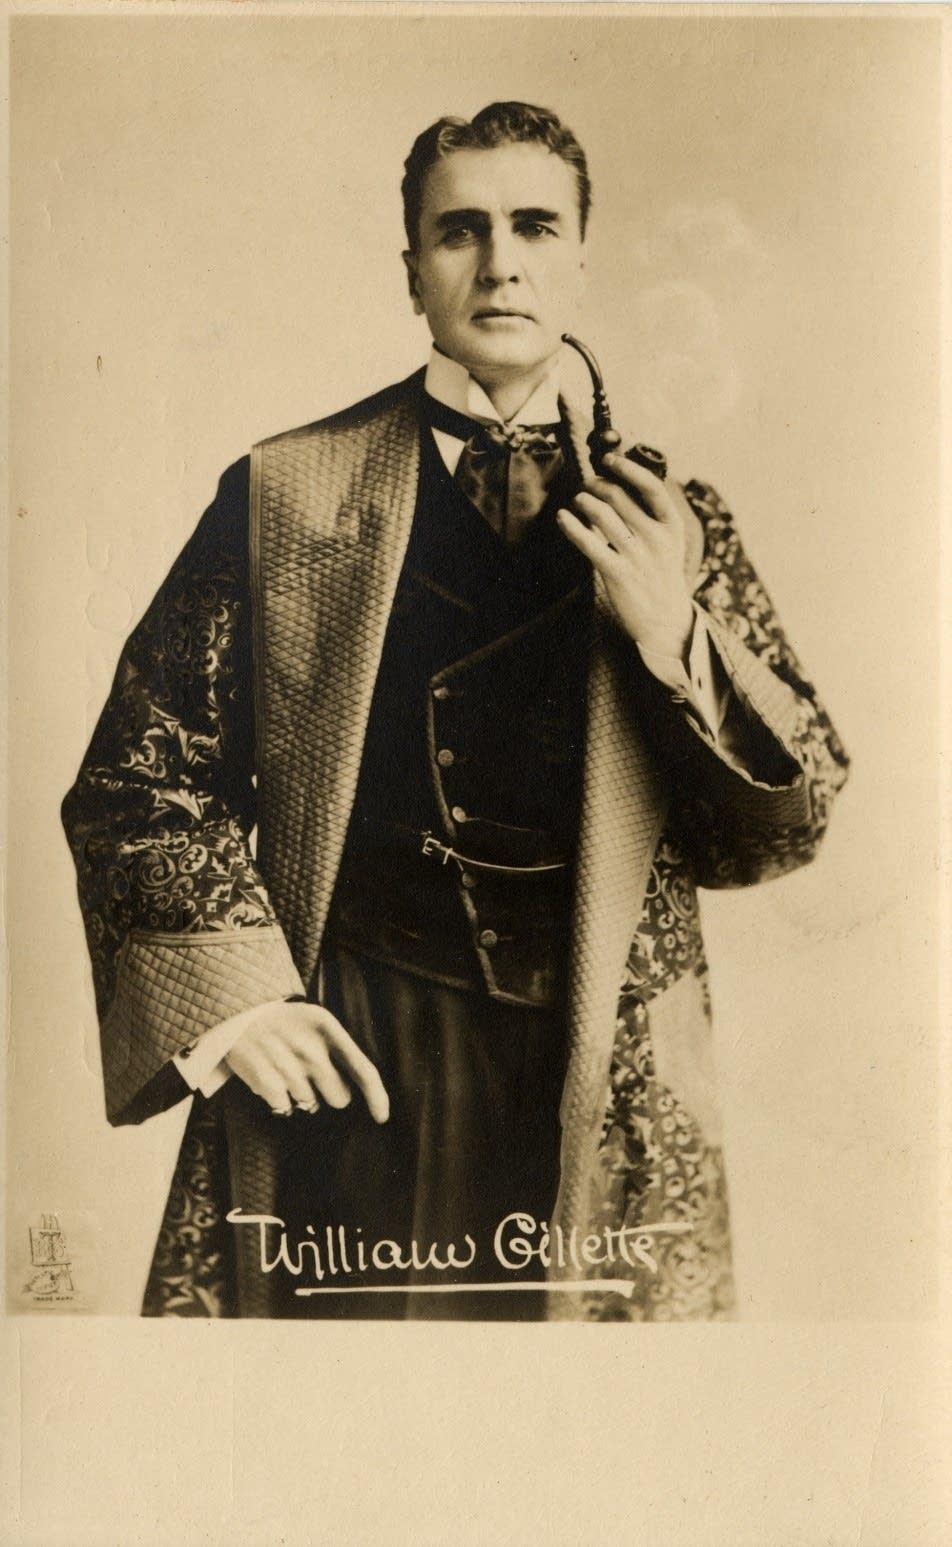 William Gillette in